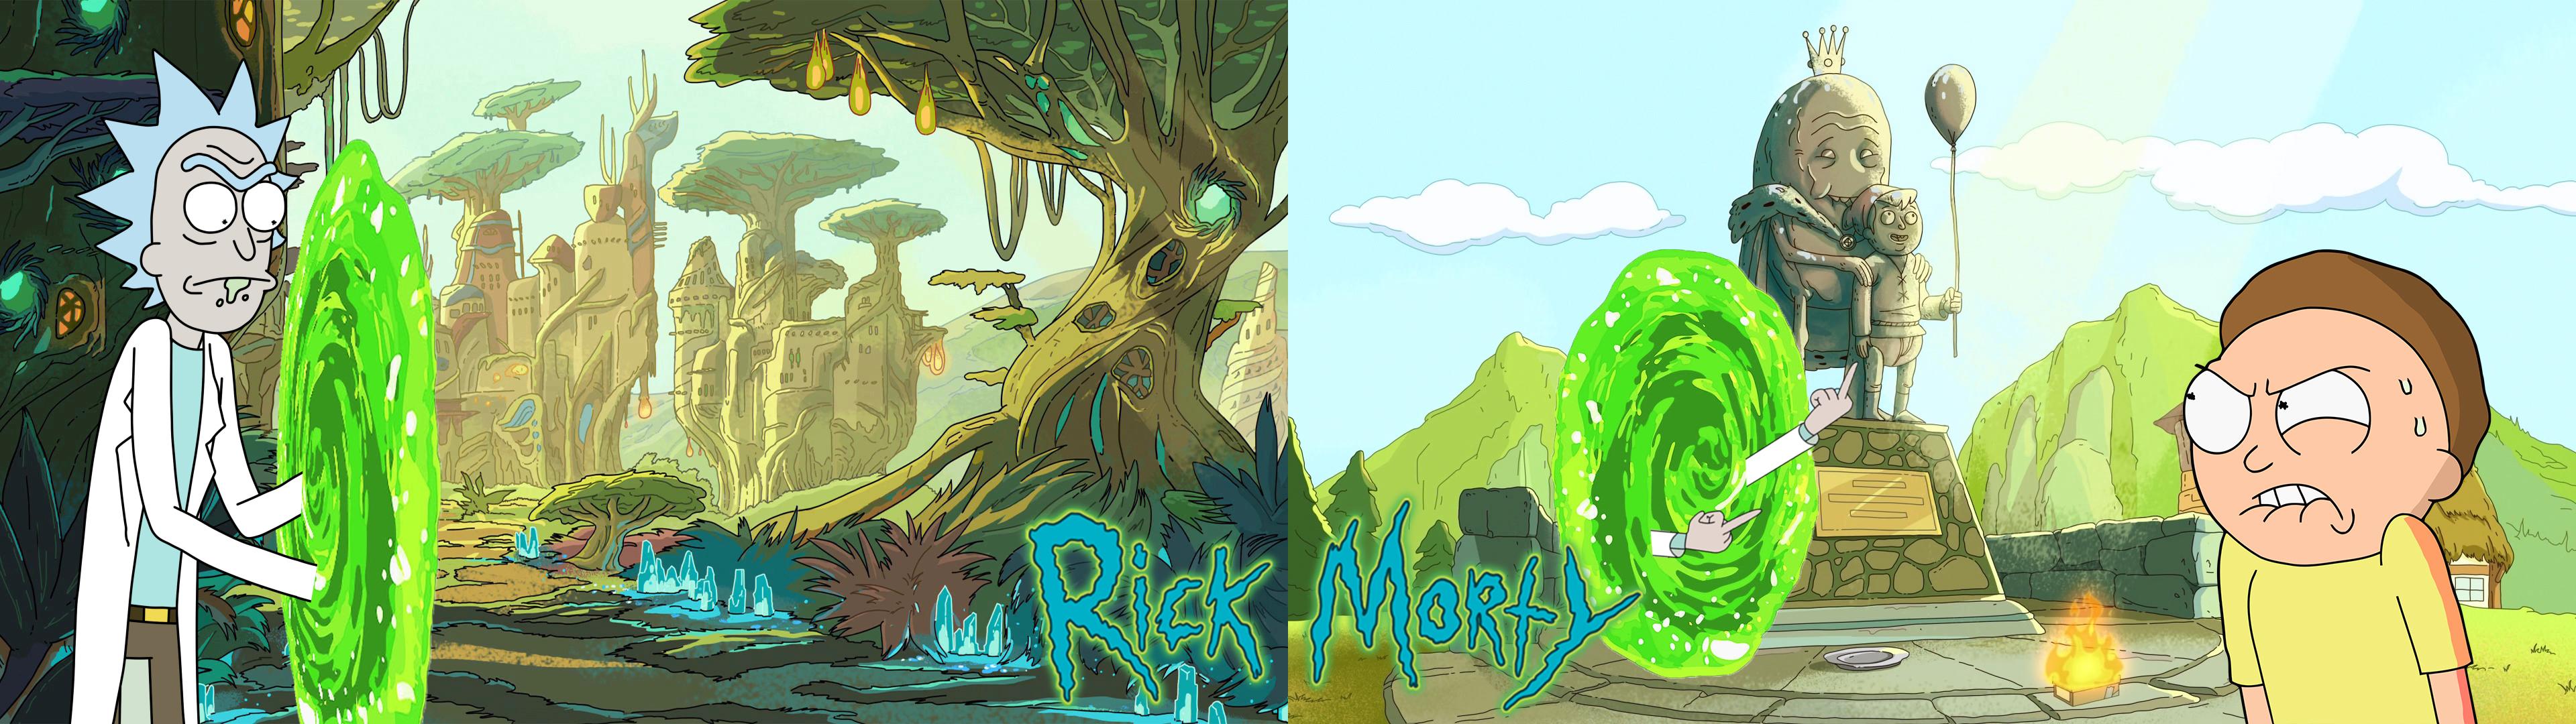 Wallpaper : Rick and Morty, dual monitors, dual display 3840x1080 - lolbear - 1248593 - HD ...